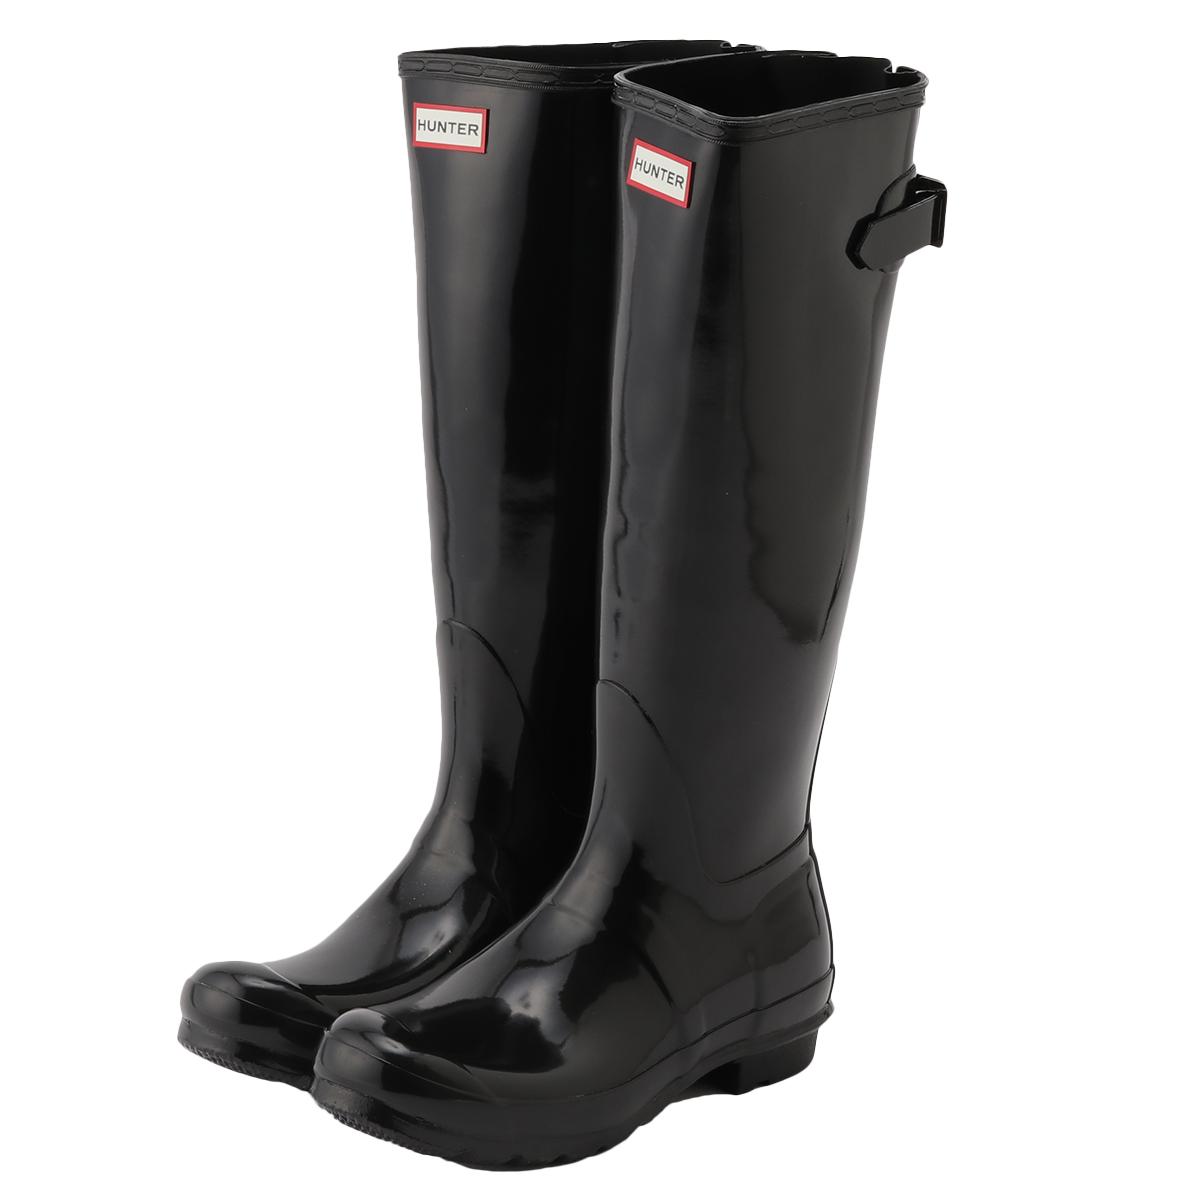 【即納】ハンター HUNTER レディース シューズ・靴 レインシューズ・長靴【WOMENS ORG BACK ADJUST GLOSS BOOTS】BLK